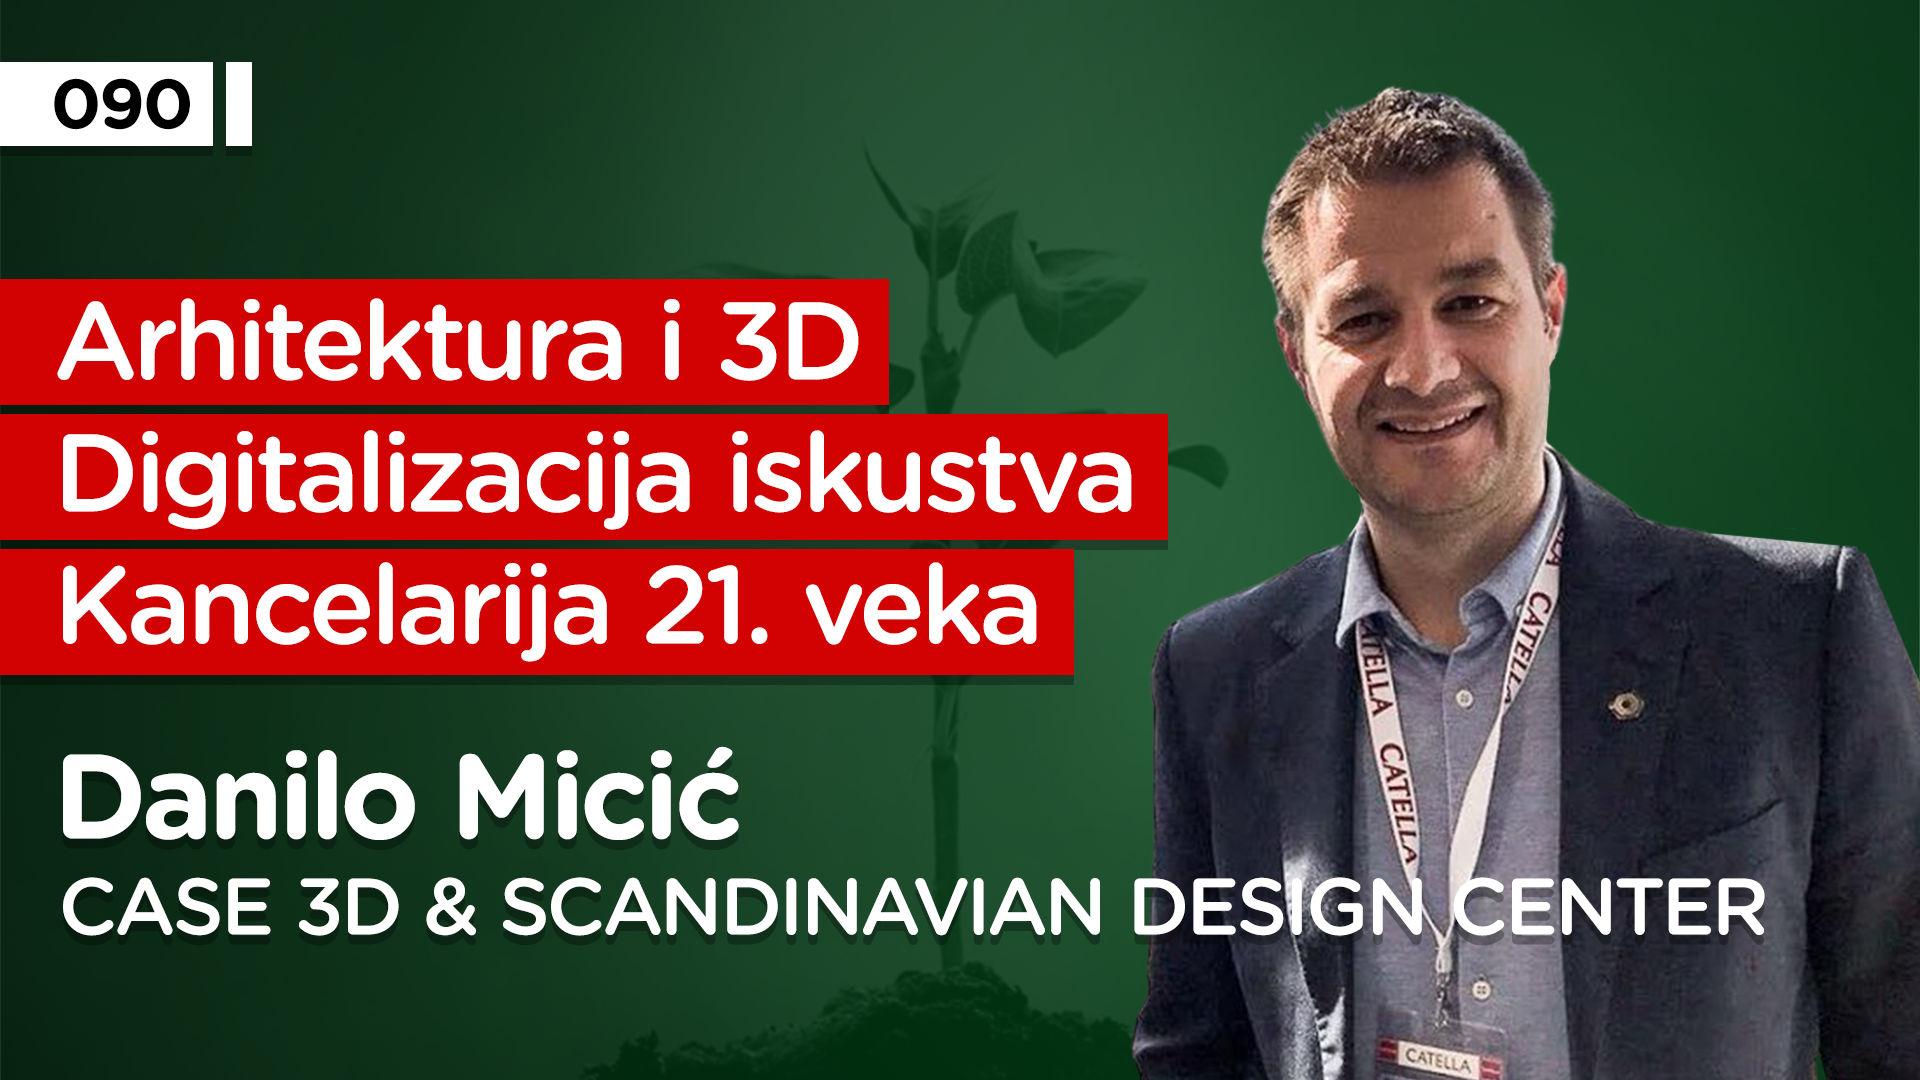 EP090: Danilo Micić